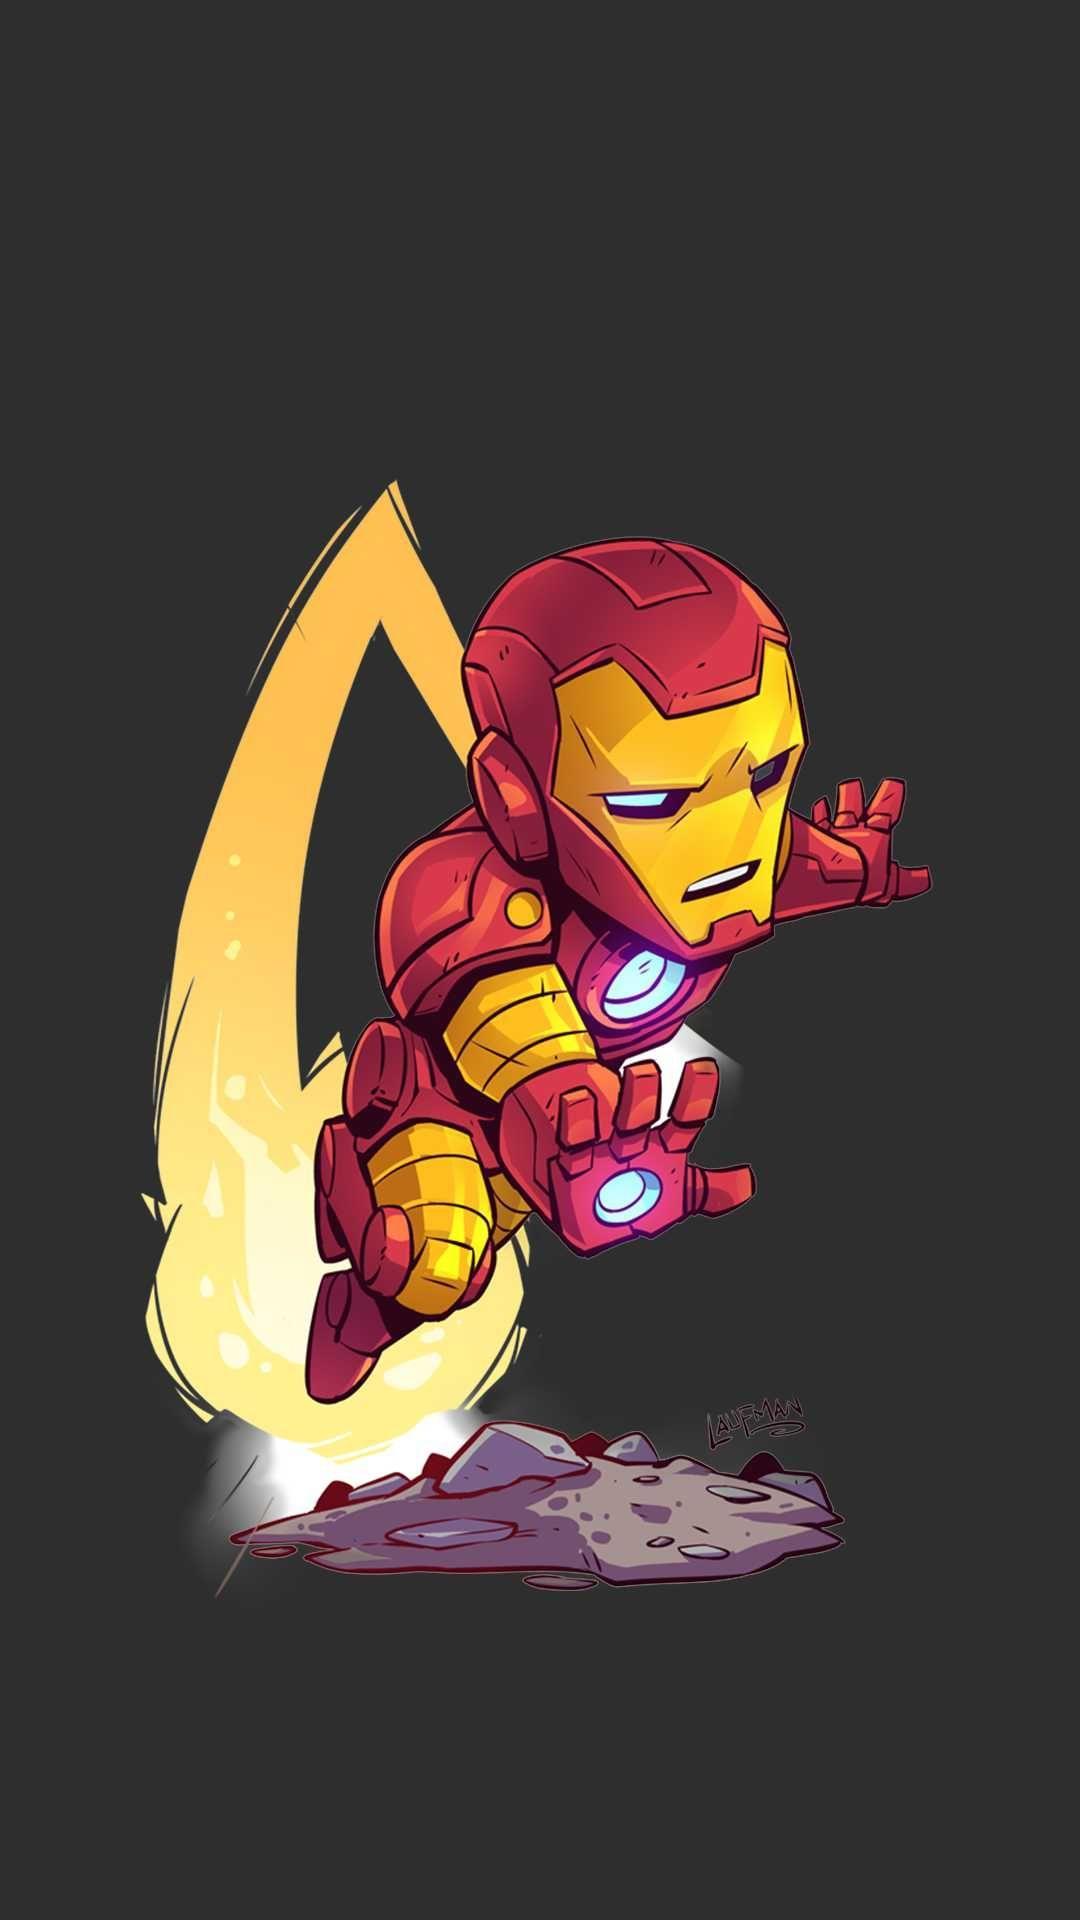 Iron Man Cartoon Wallpapers Top Free Iron Man Cartoon Backgrounds Wallpaperaccess